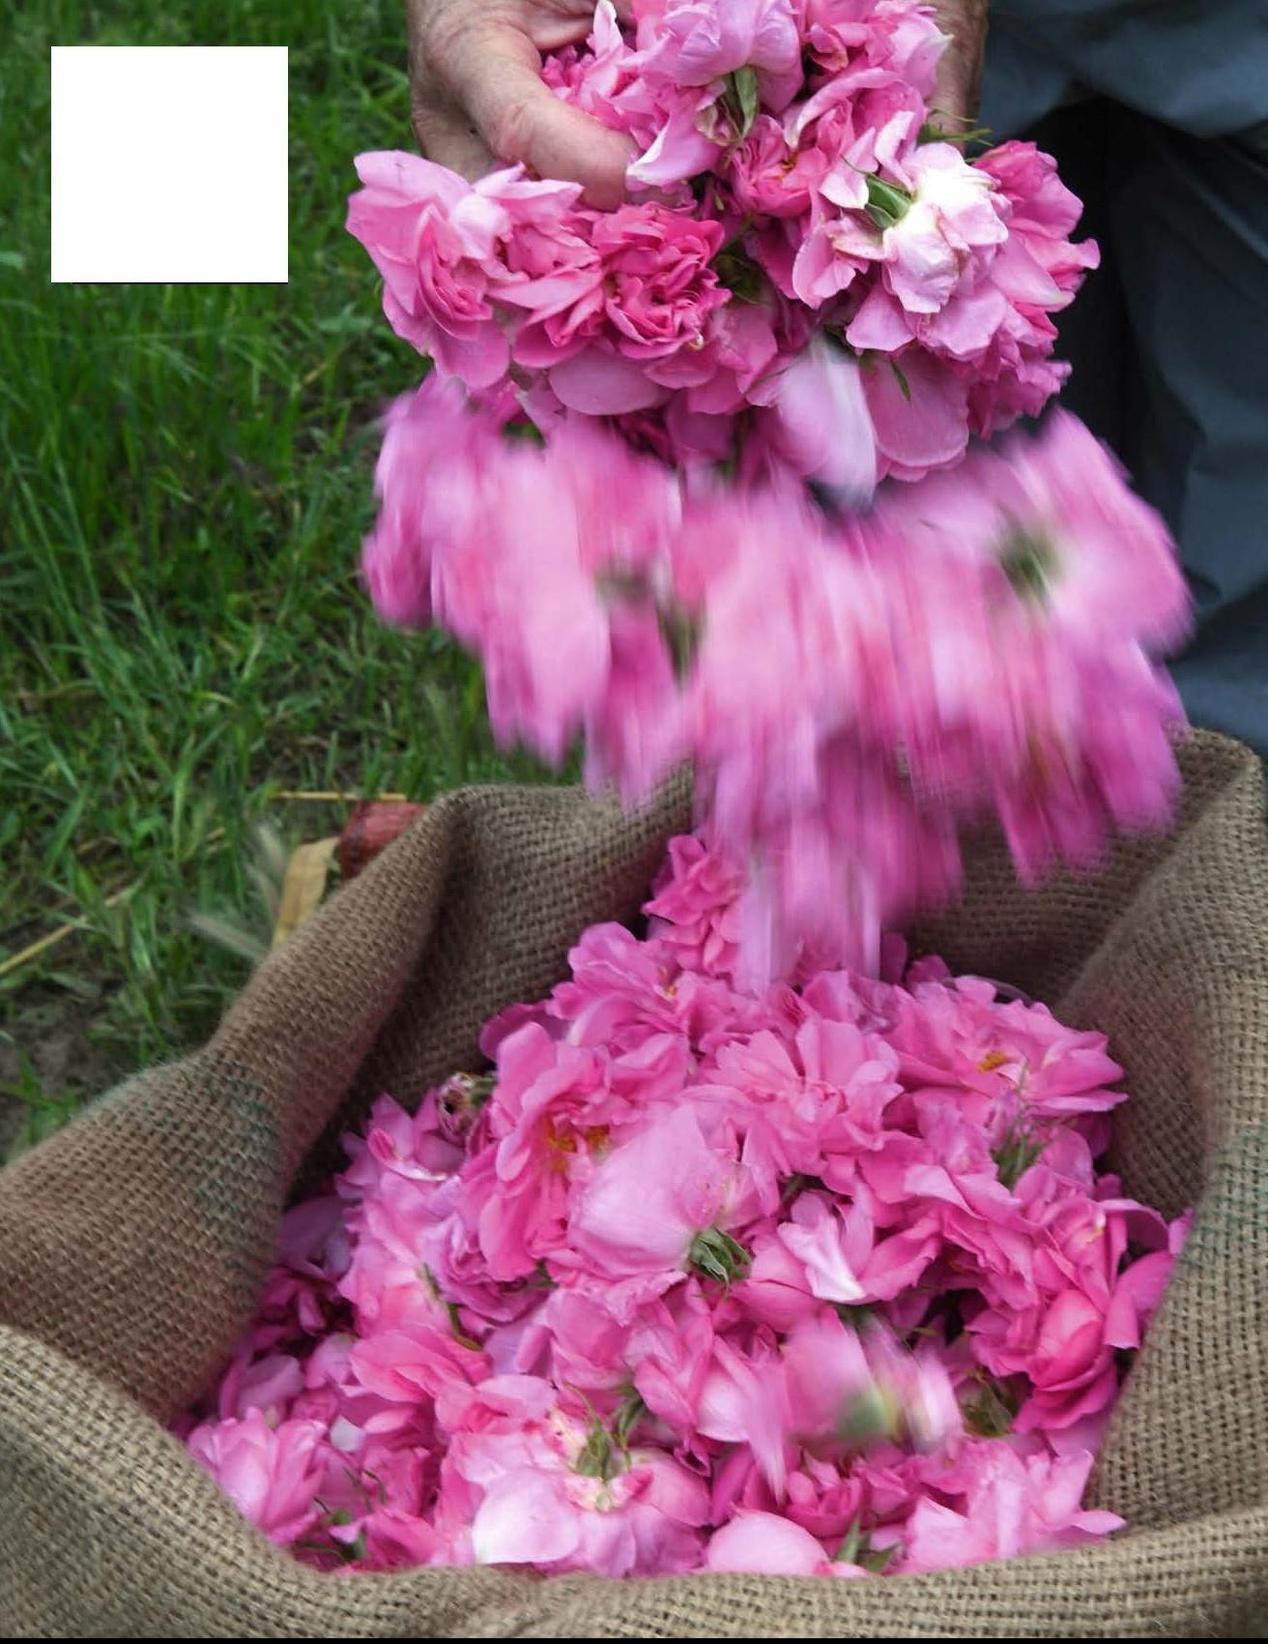 Par Aurélia Hermange Photos Virginie Clavières